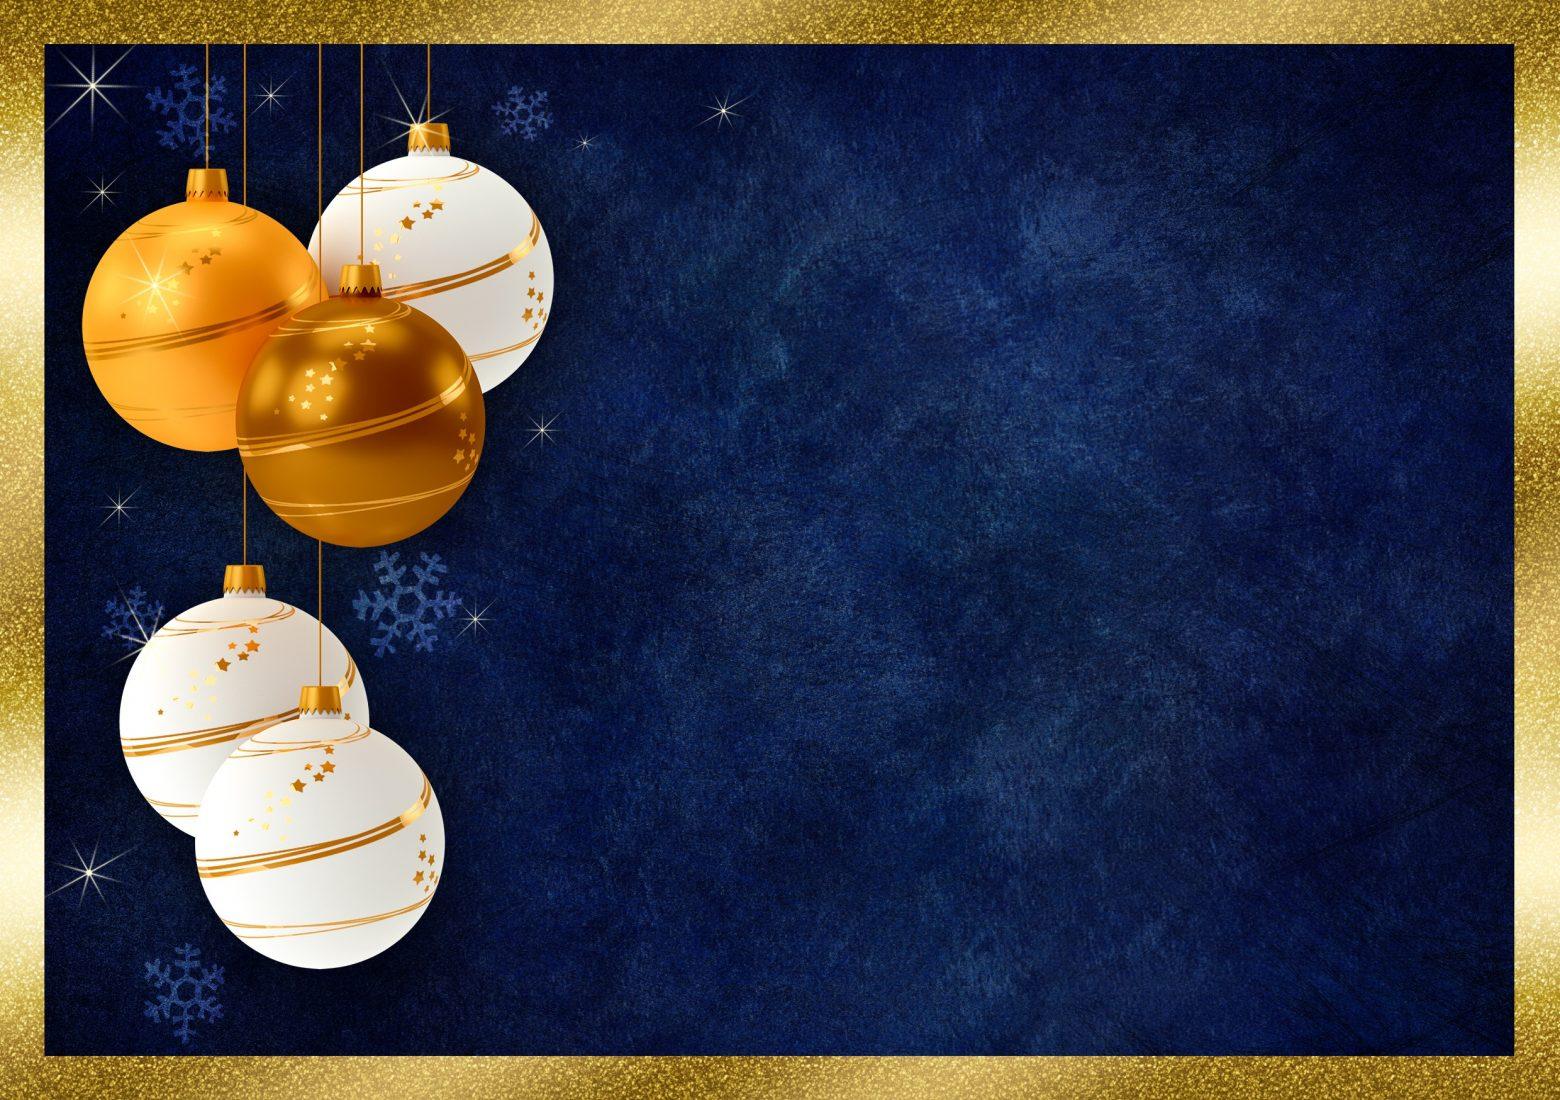 christmas-balls-2894448